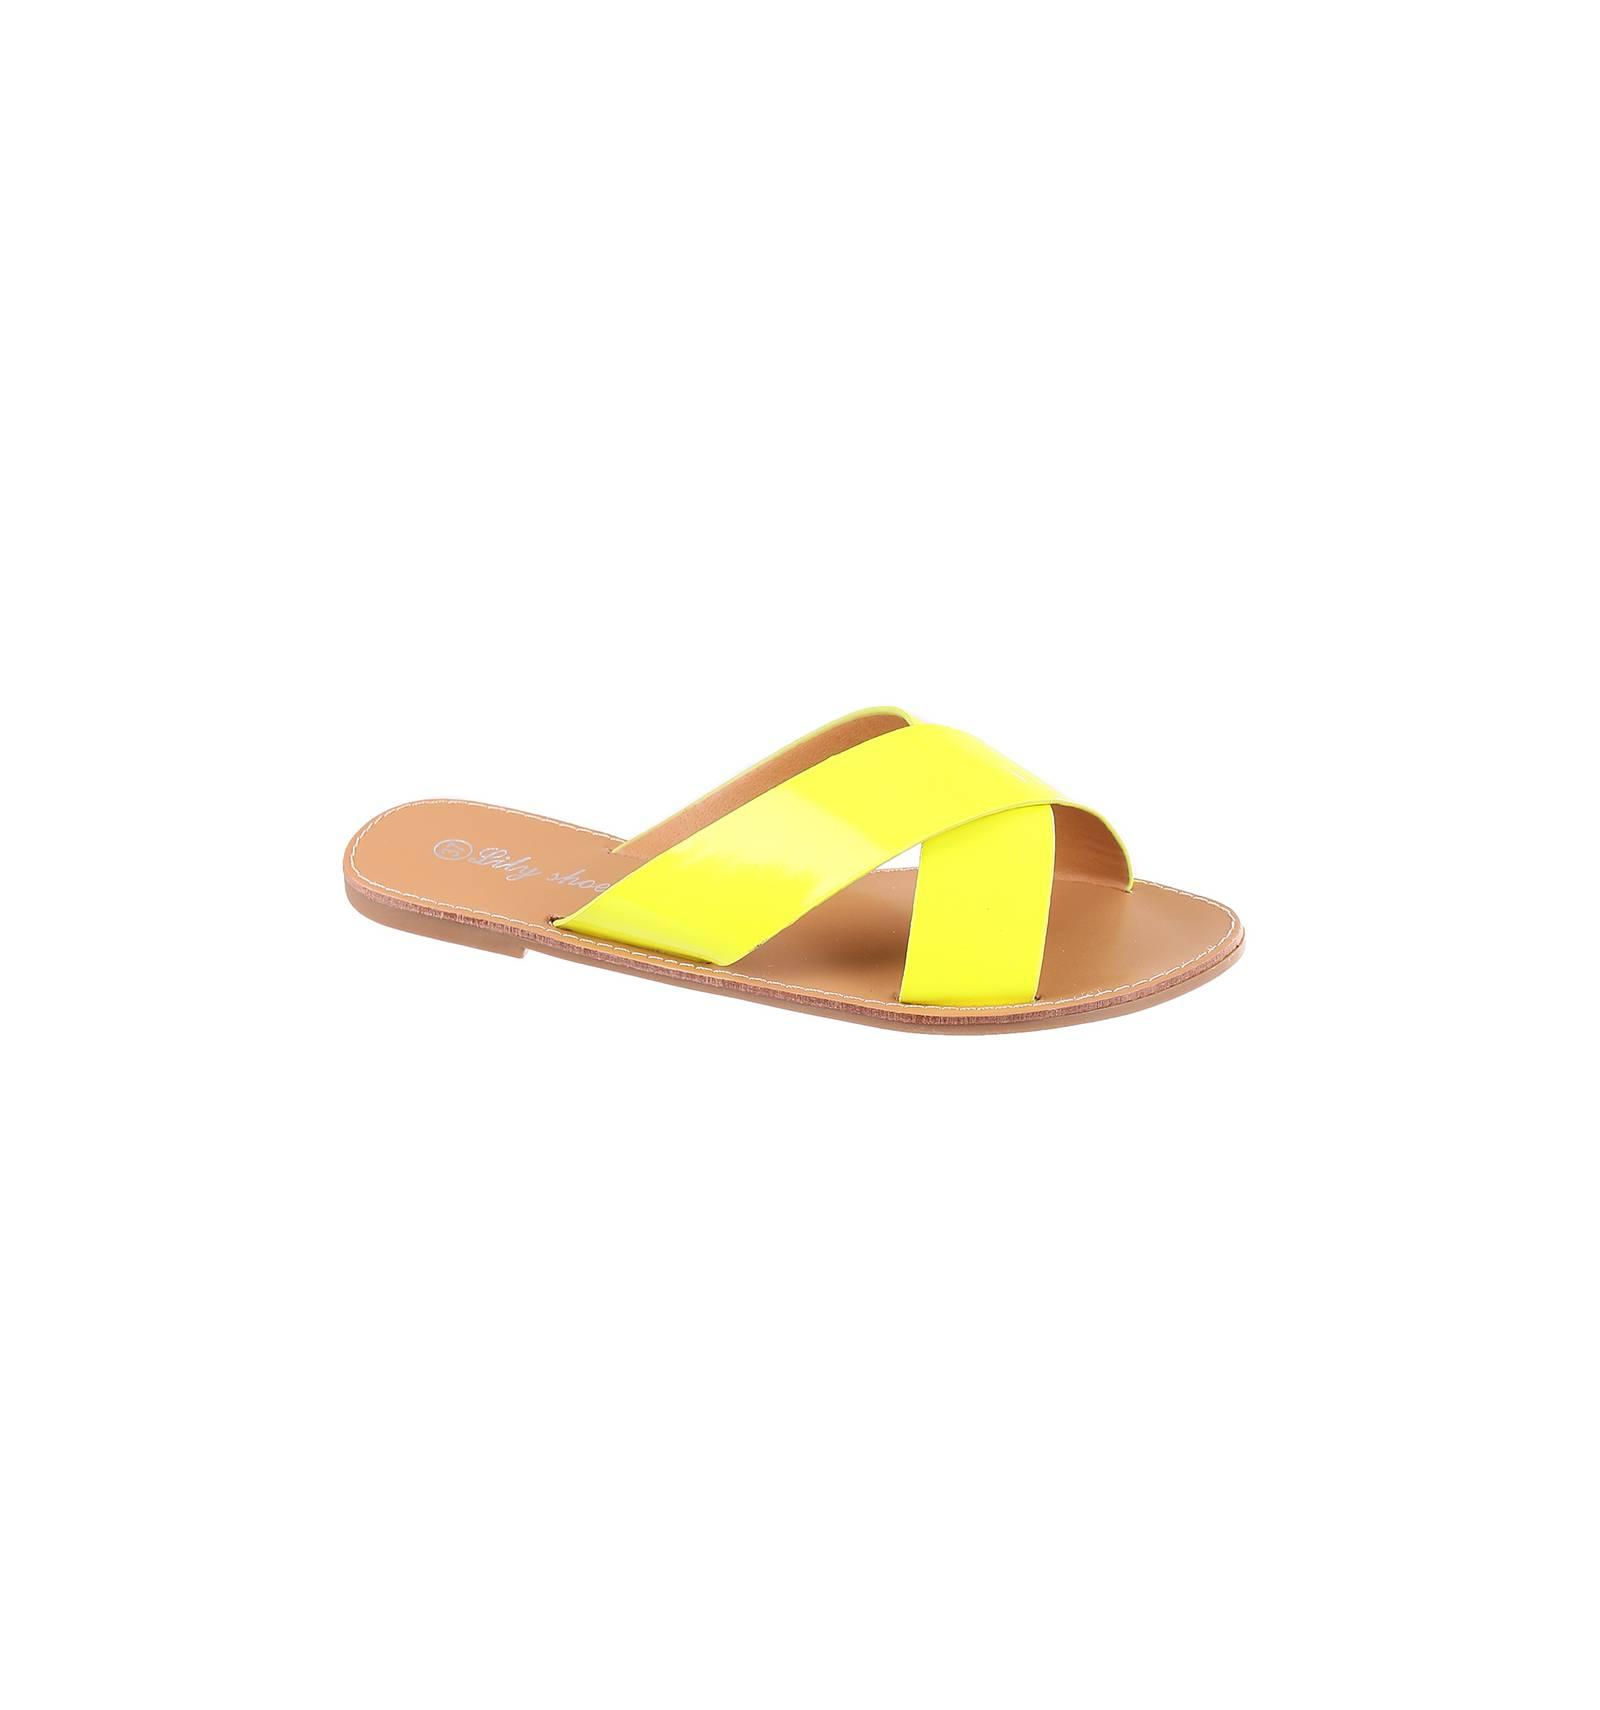 bas prix d76c0 007b6 Sandale plate femme matière simili cuir jaune fluo verni Elyse